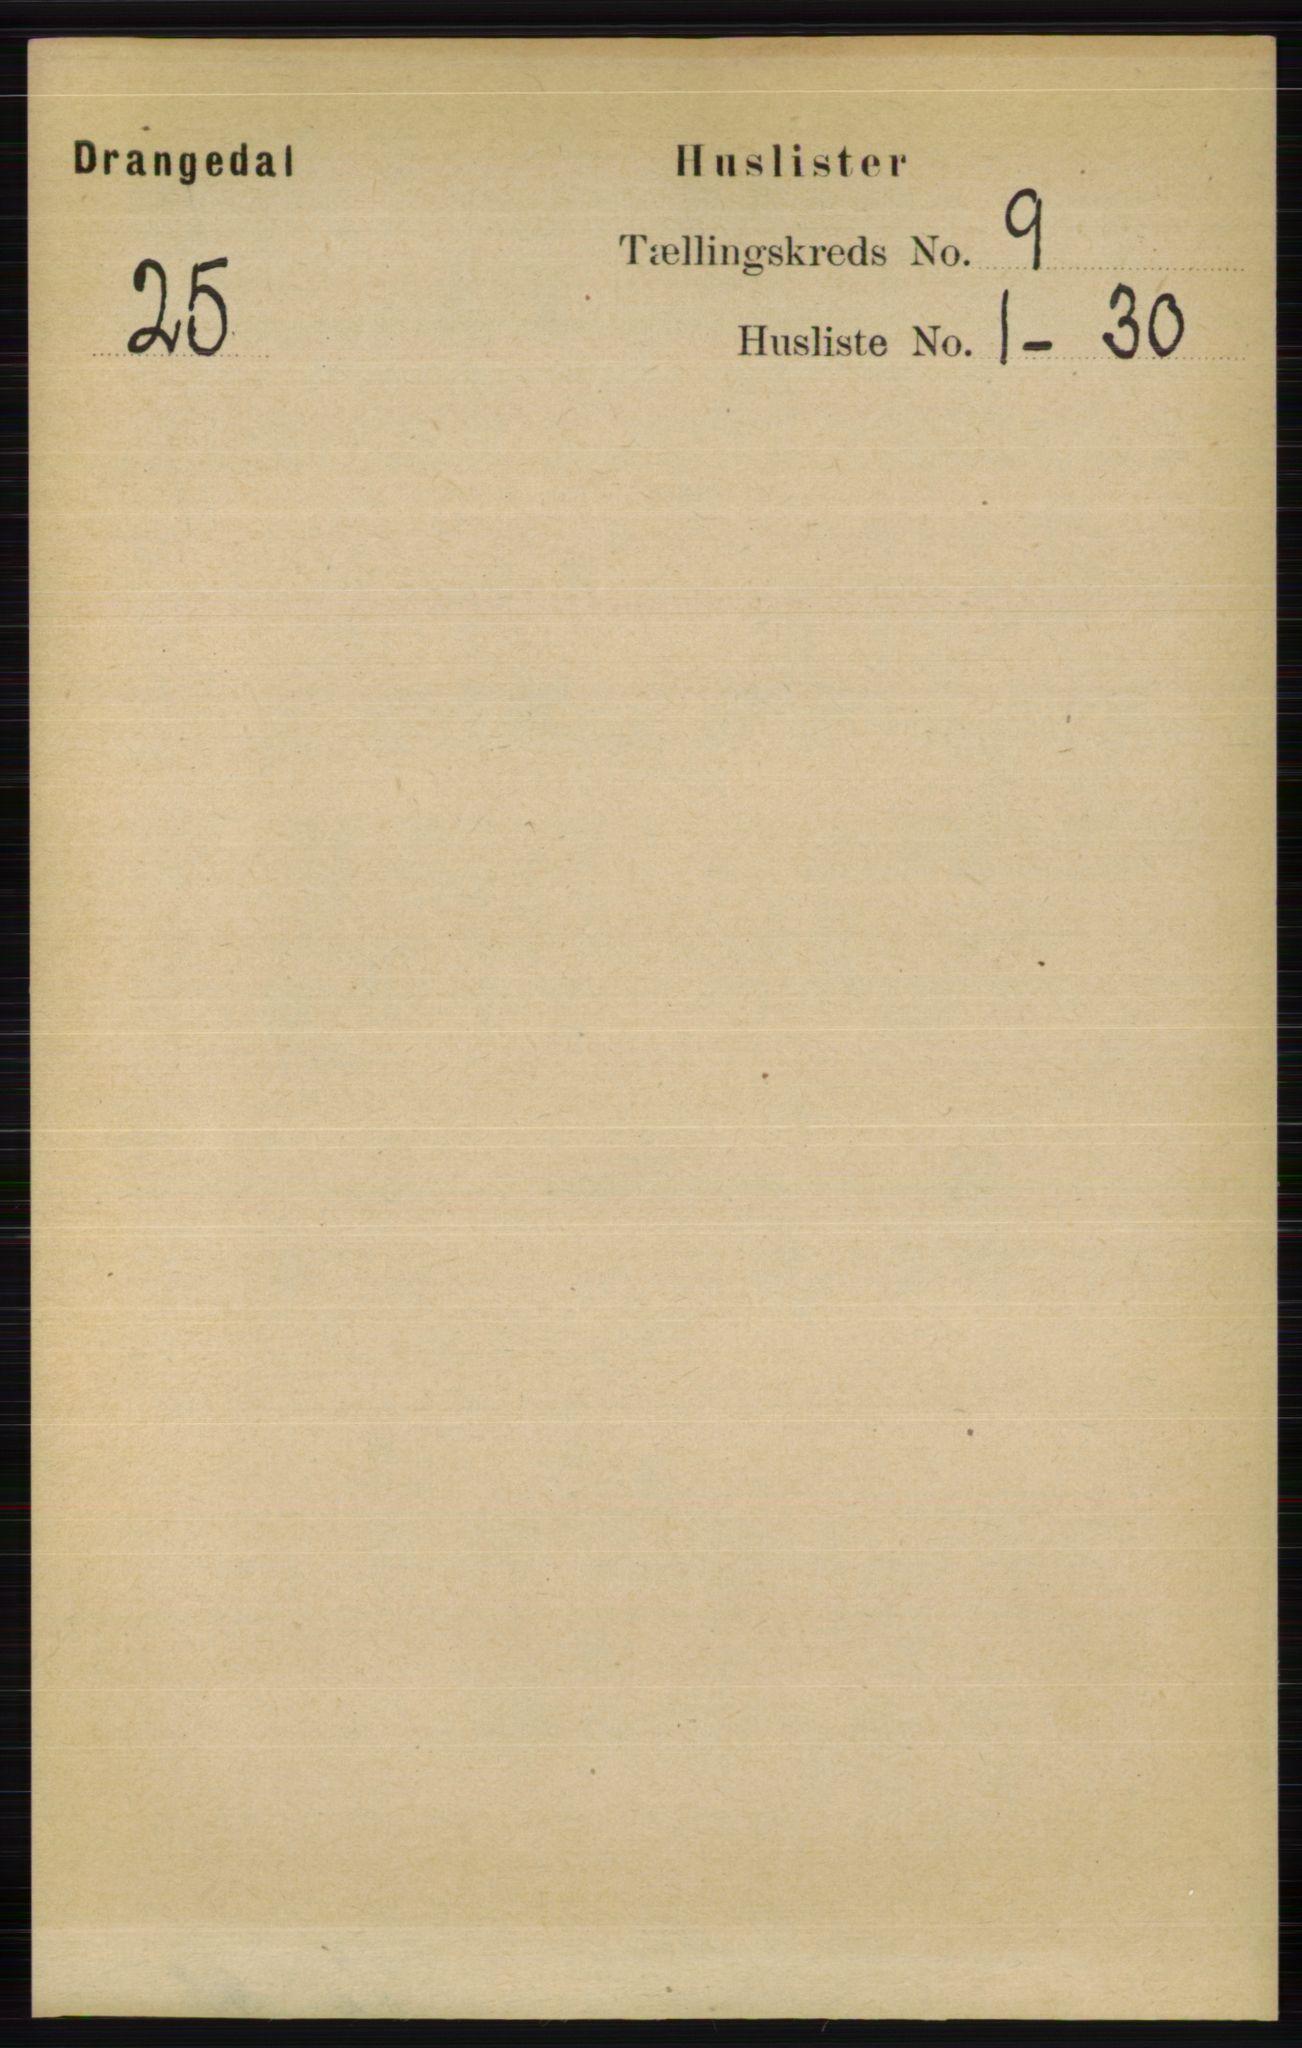 RA, Folketelling 1891 for 0817 Drangedal herred, 1891, s. 3090